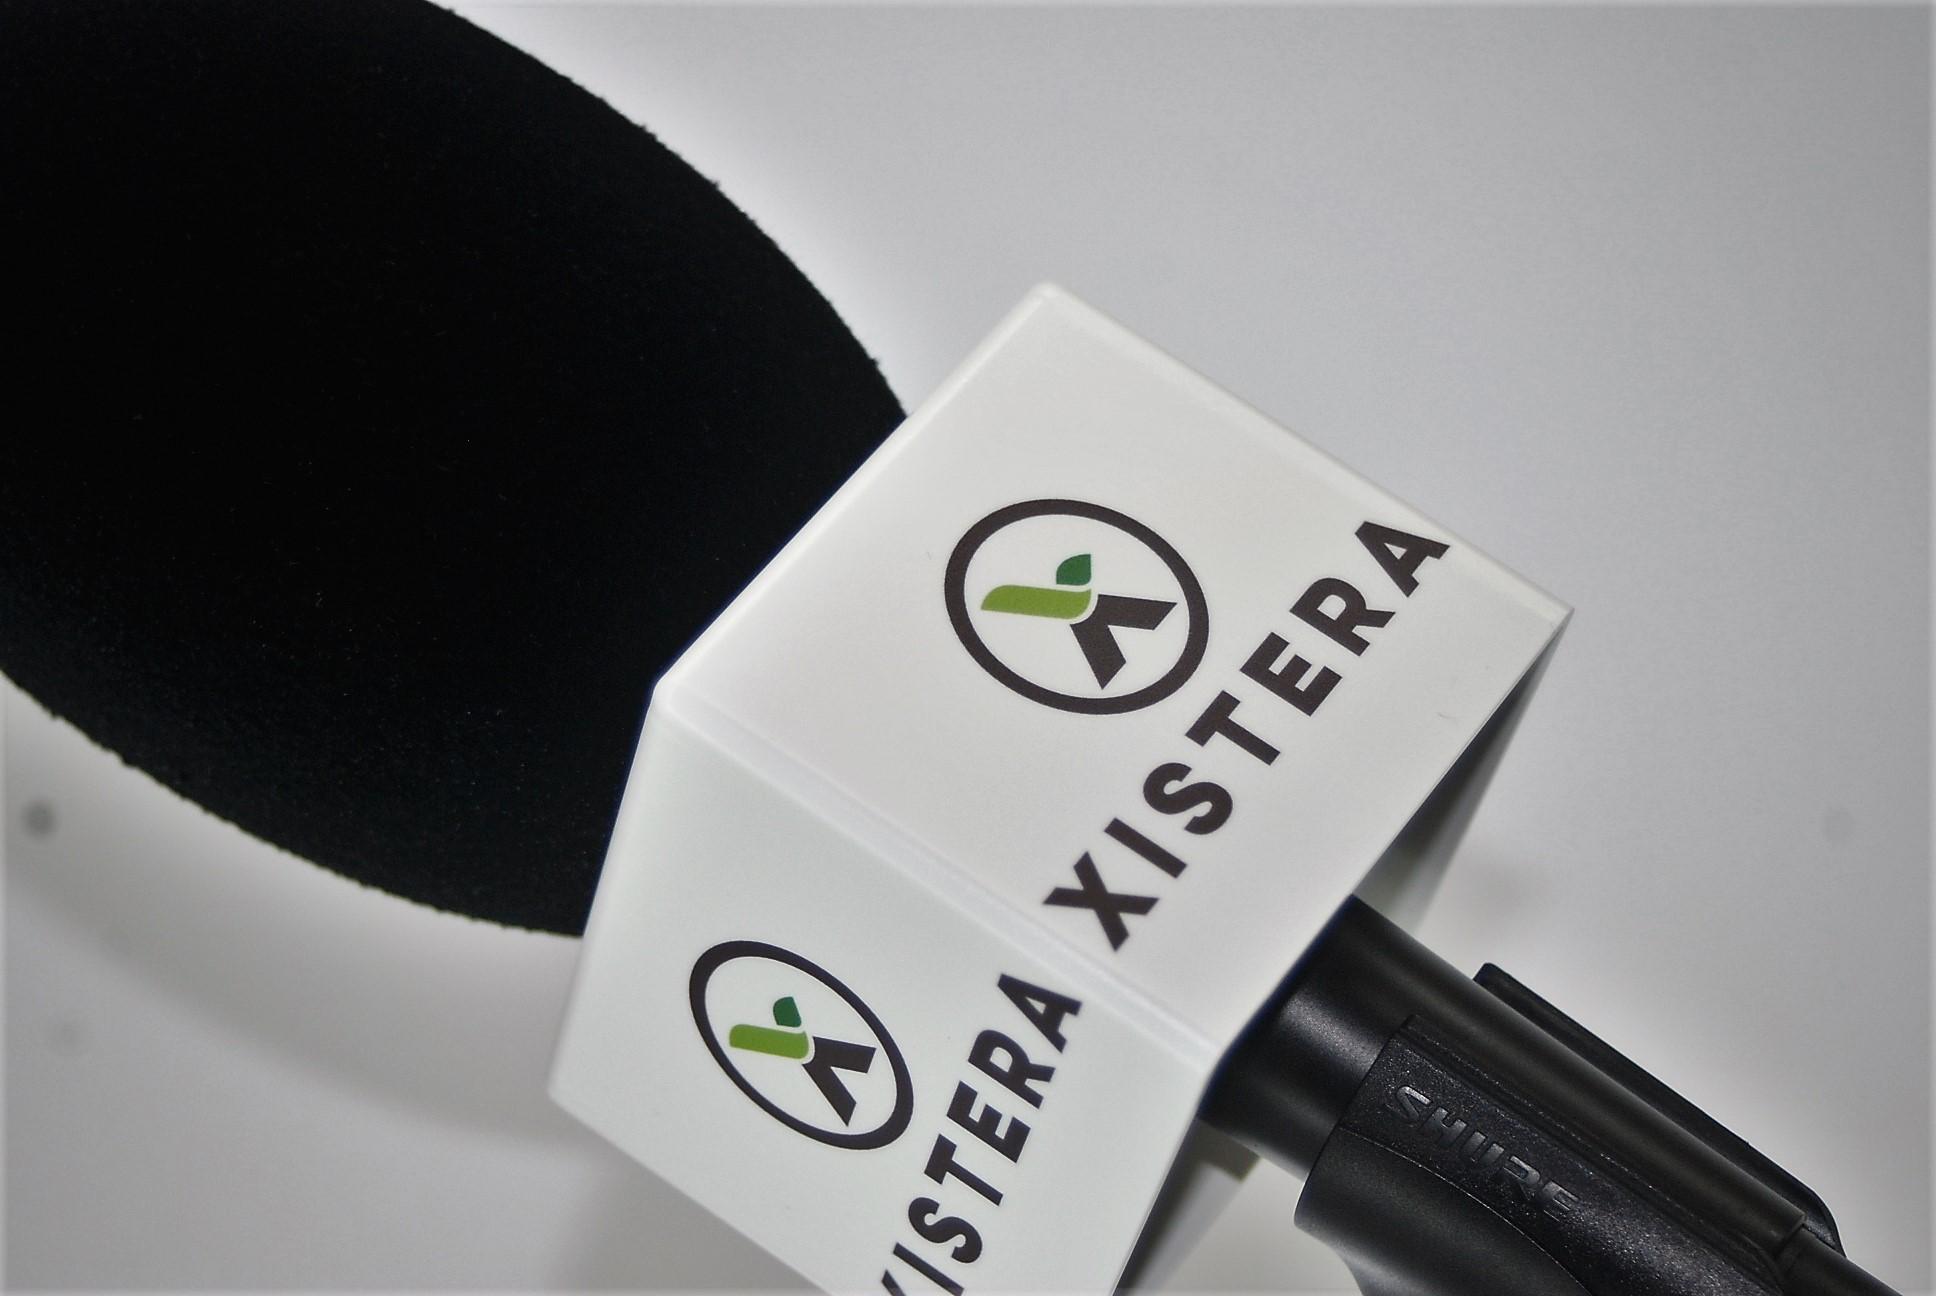 Cubilete Micrófono con logo